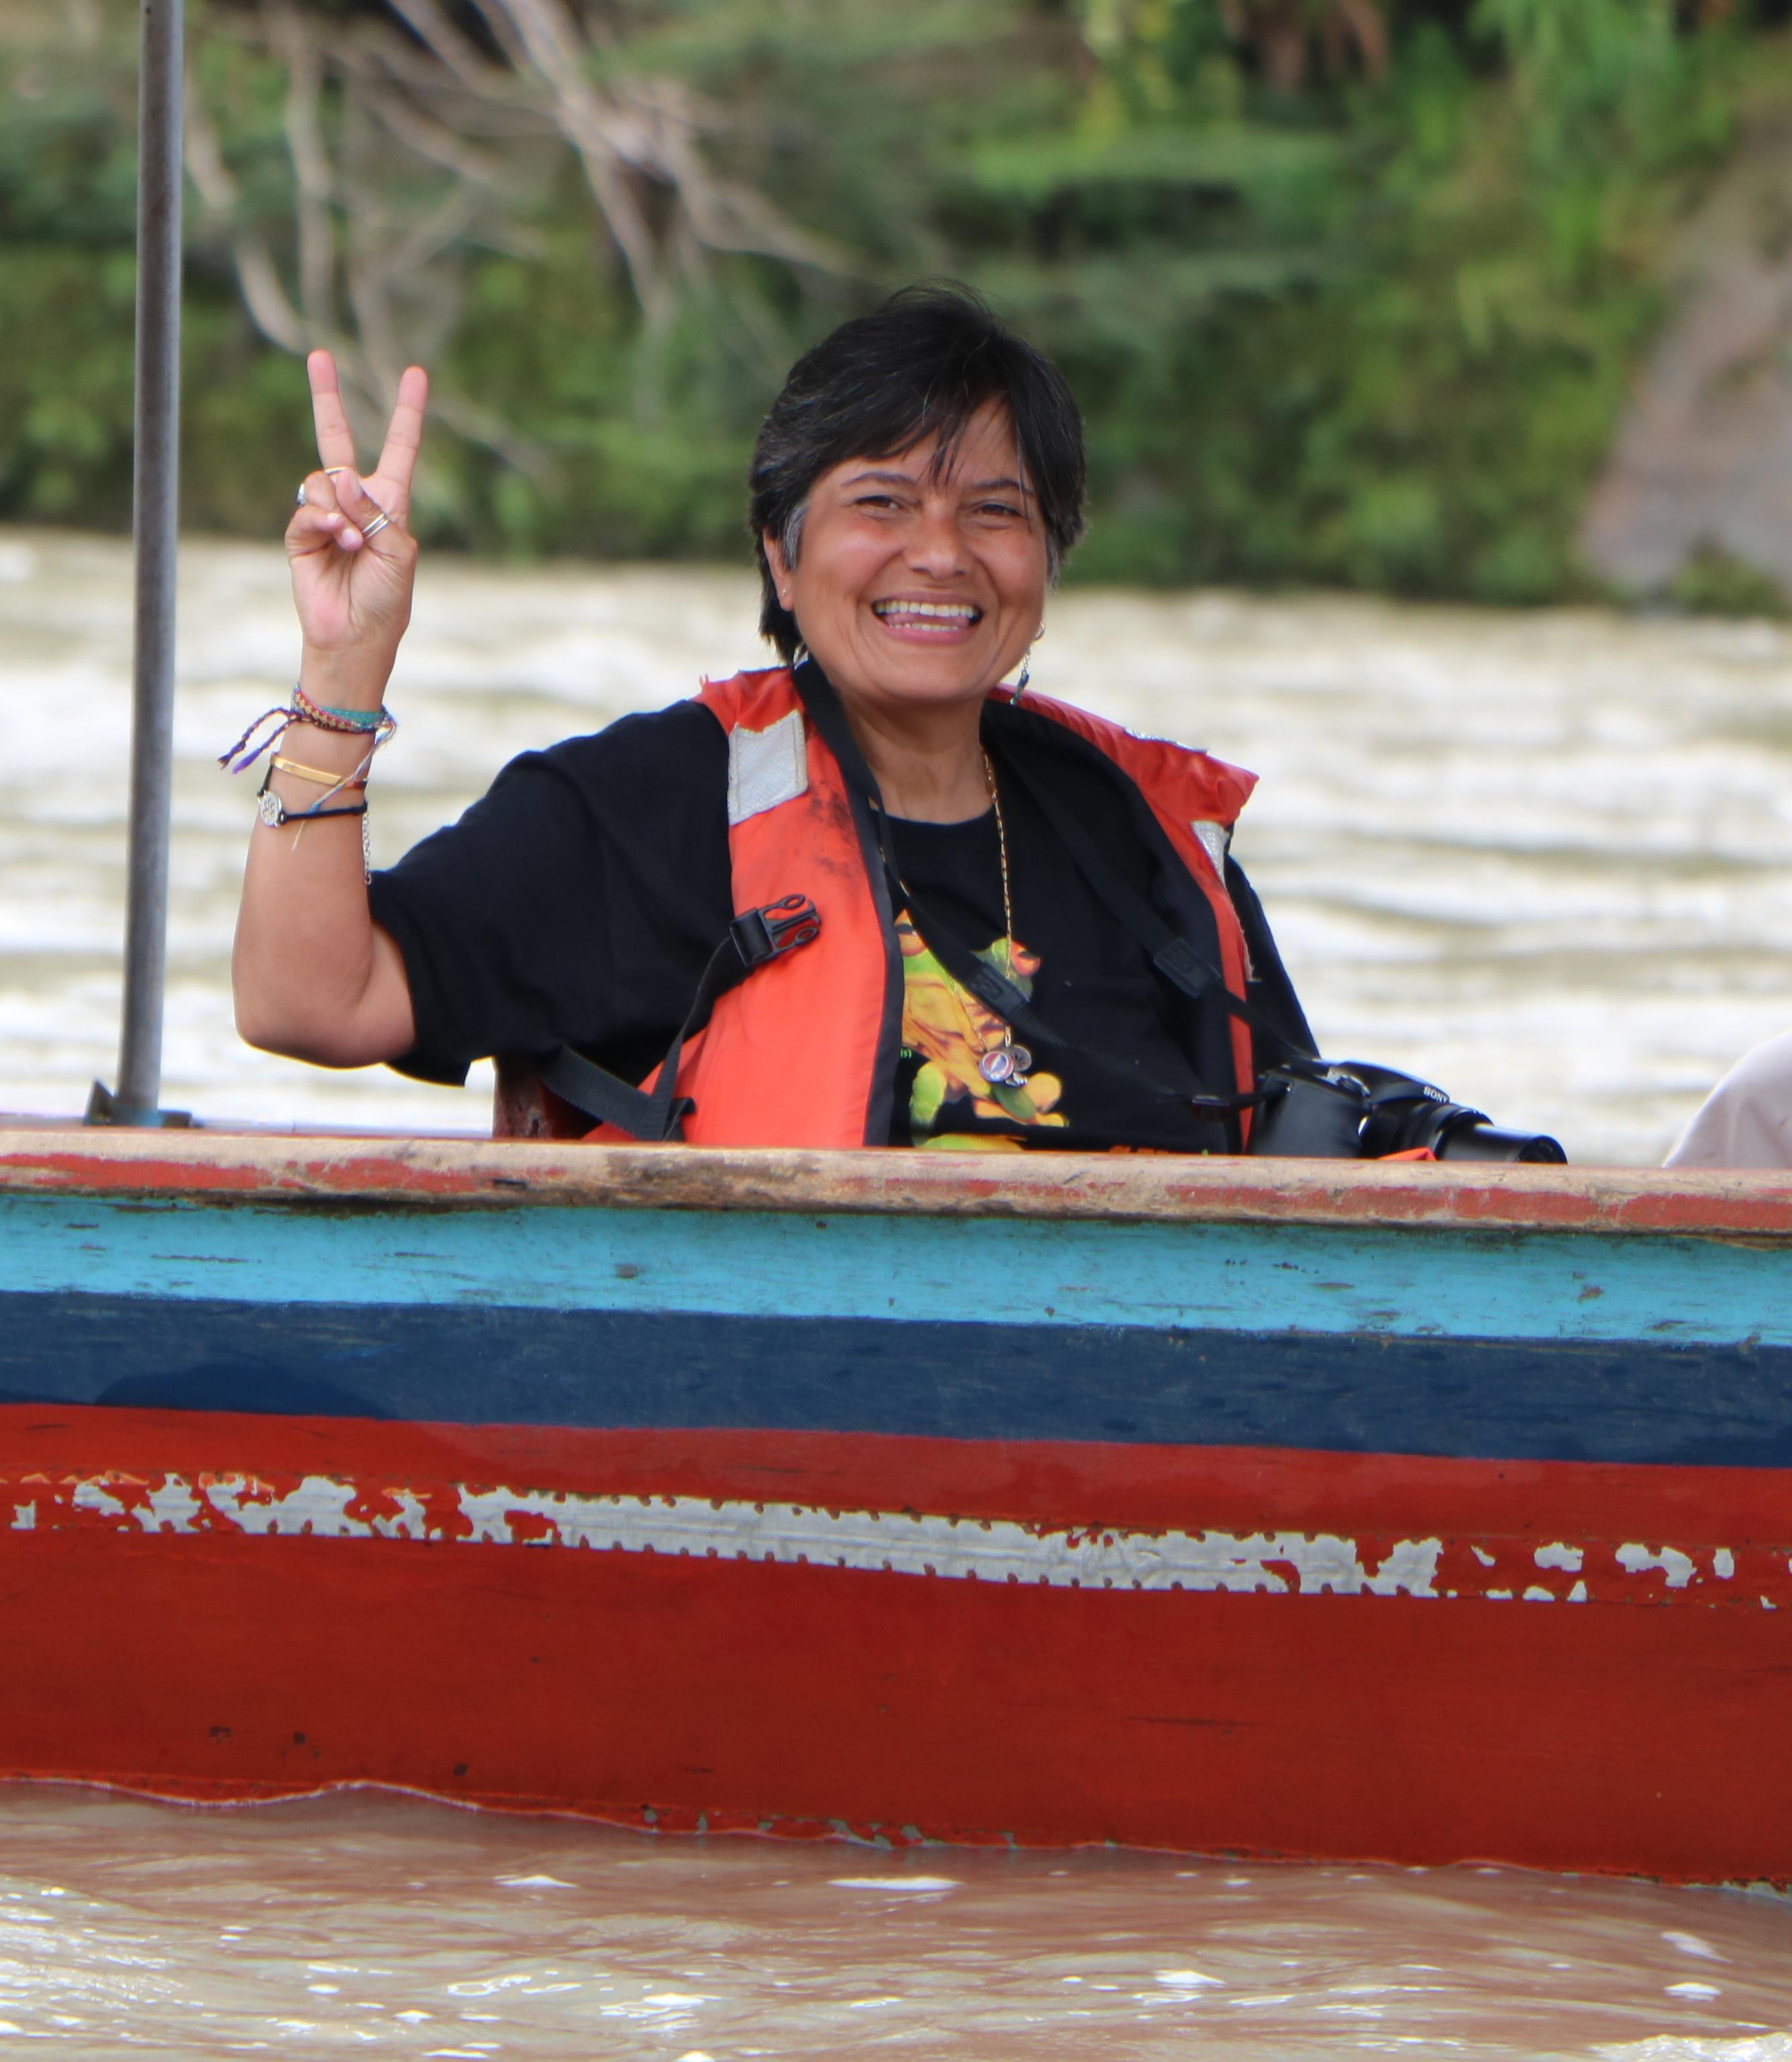 Suchipakari amazon boat Choti a